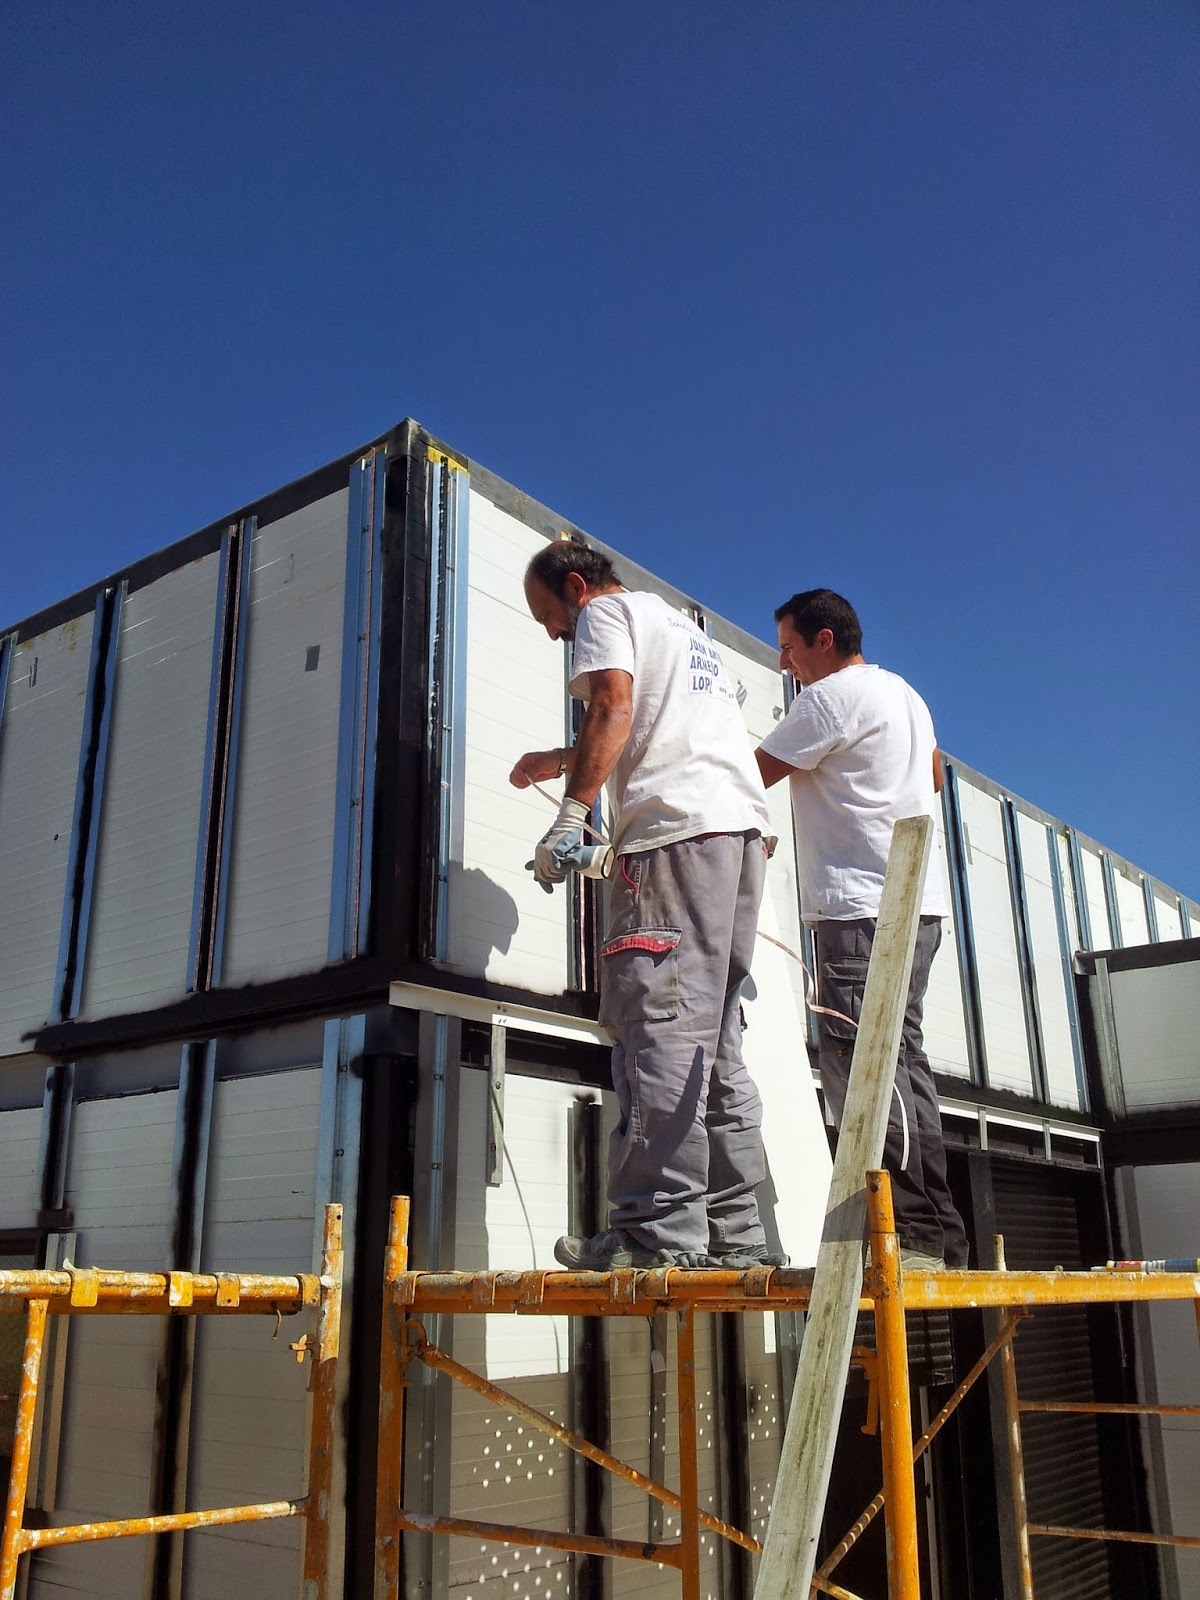 Montaje fachada ventilada vivienda modular Resan